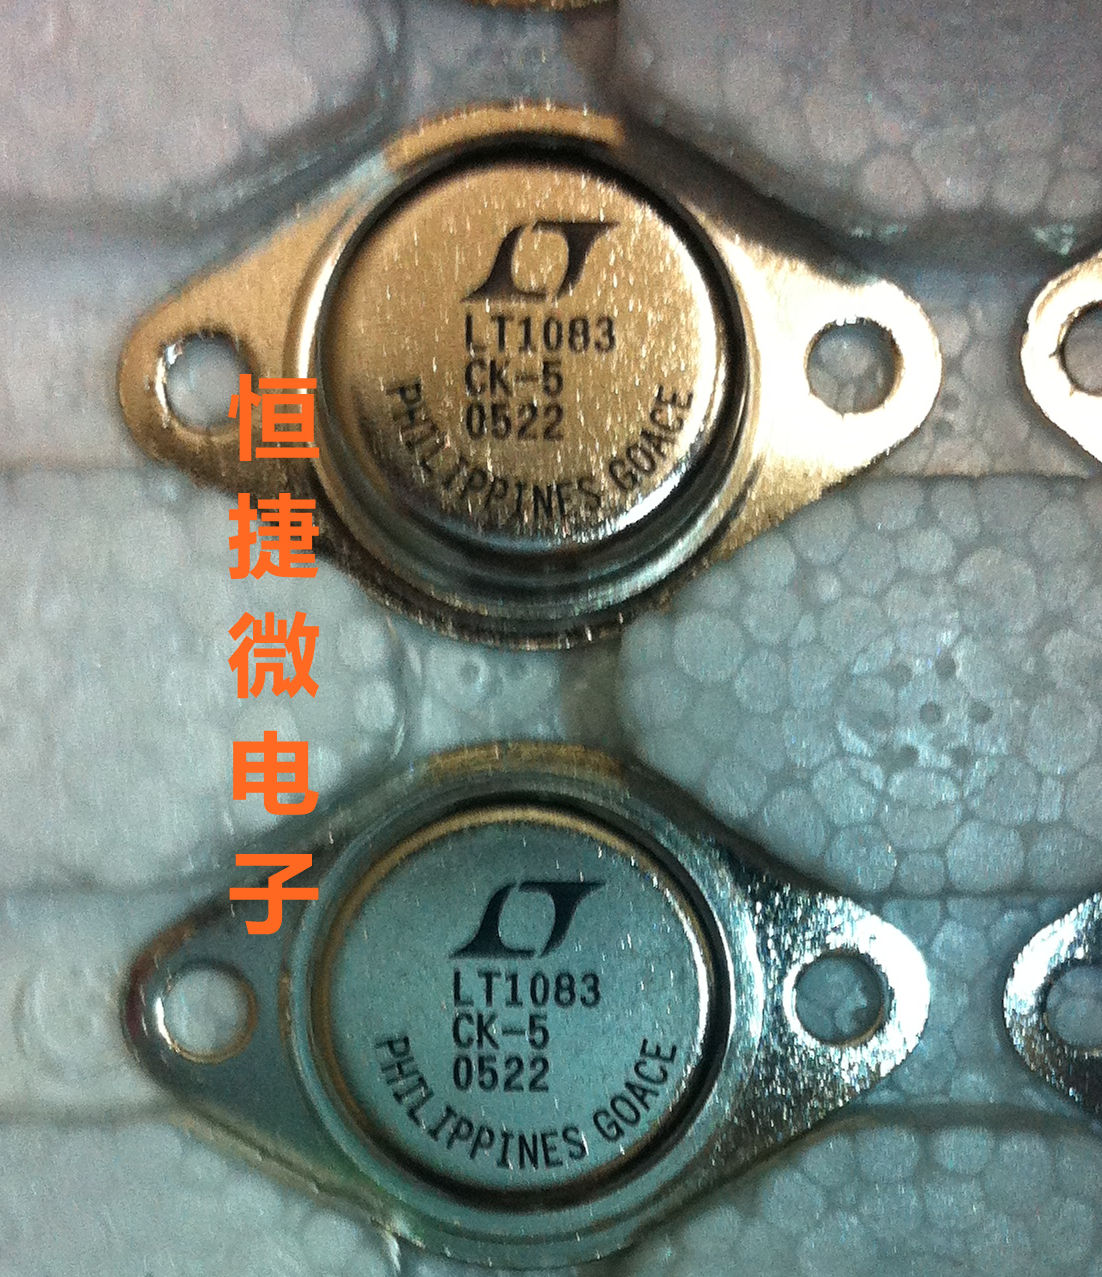 【一级代理】全新原装 LT1083CK-5 TO-3 LINEAR 正品 现货